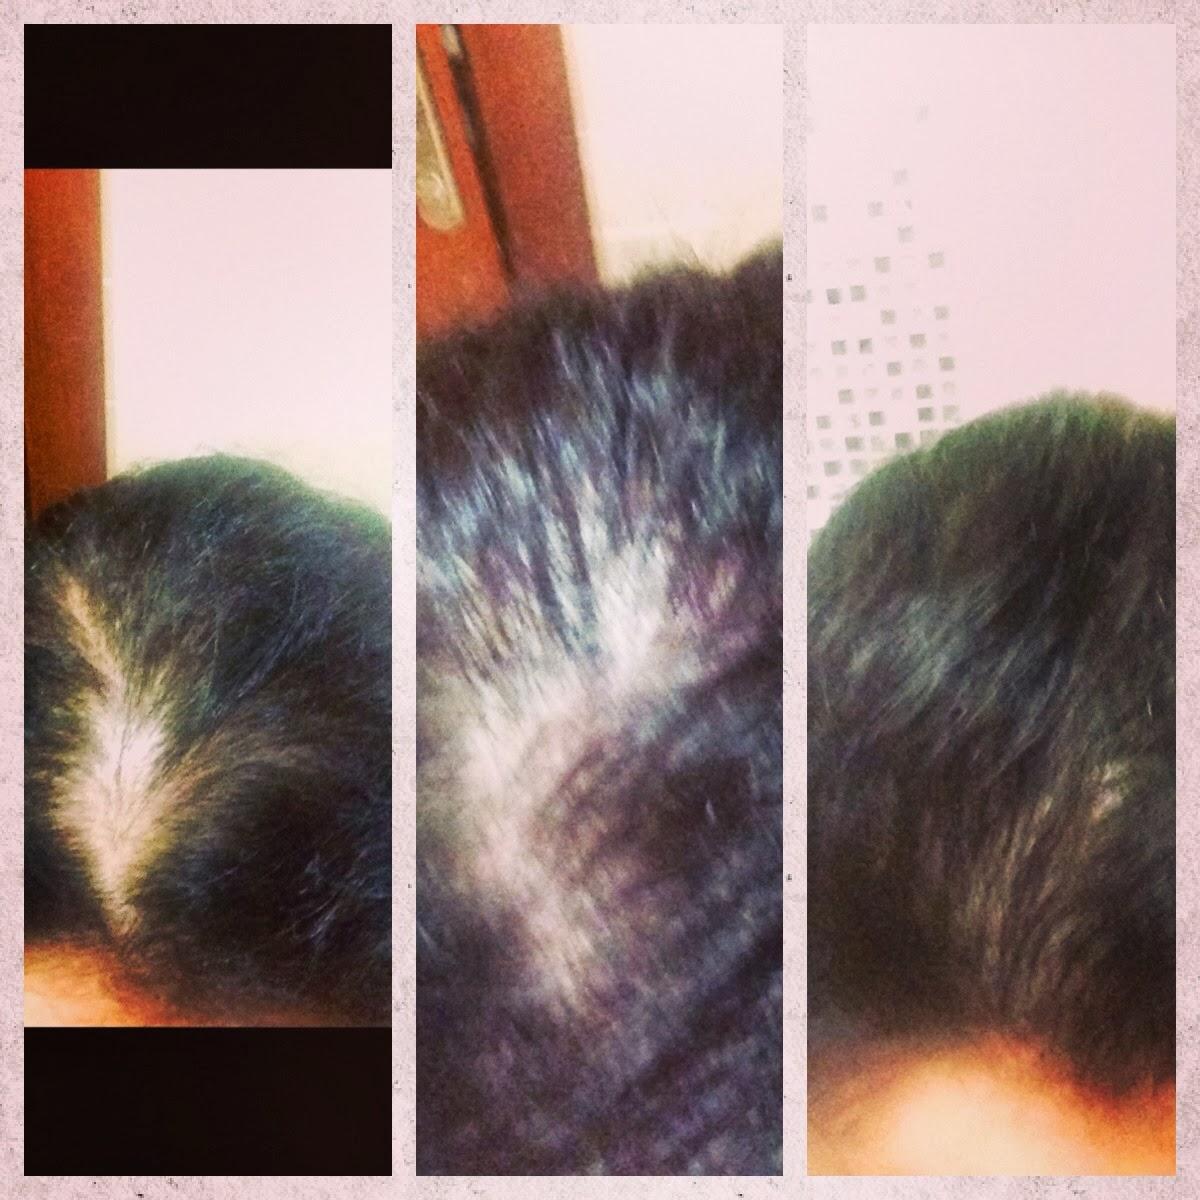 Saç Gürleştirme